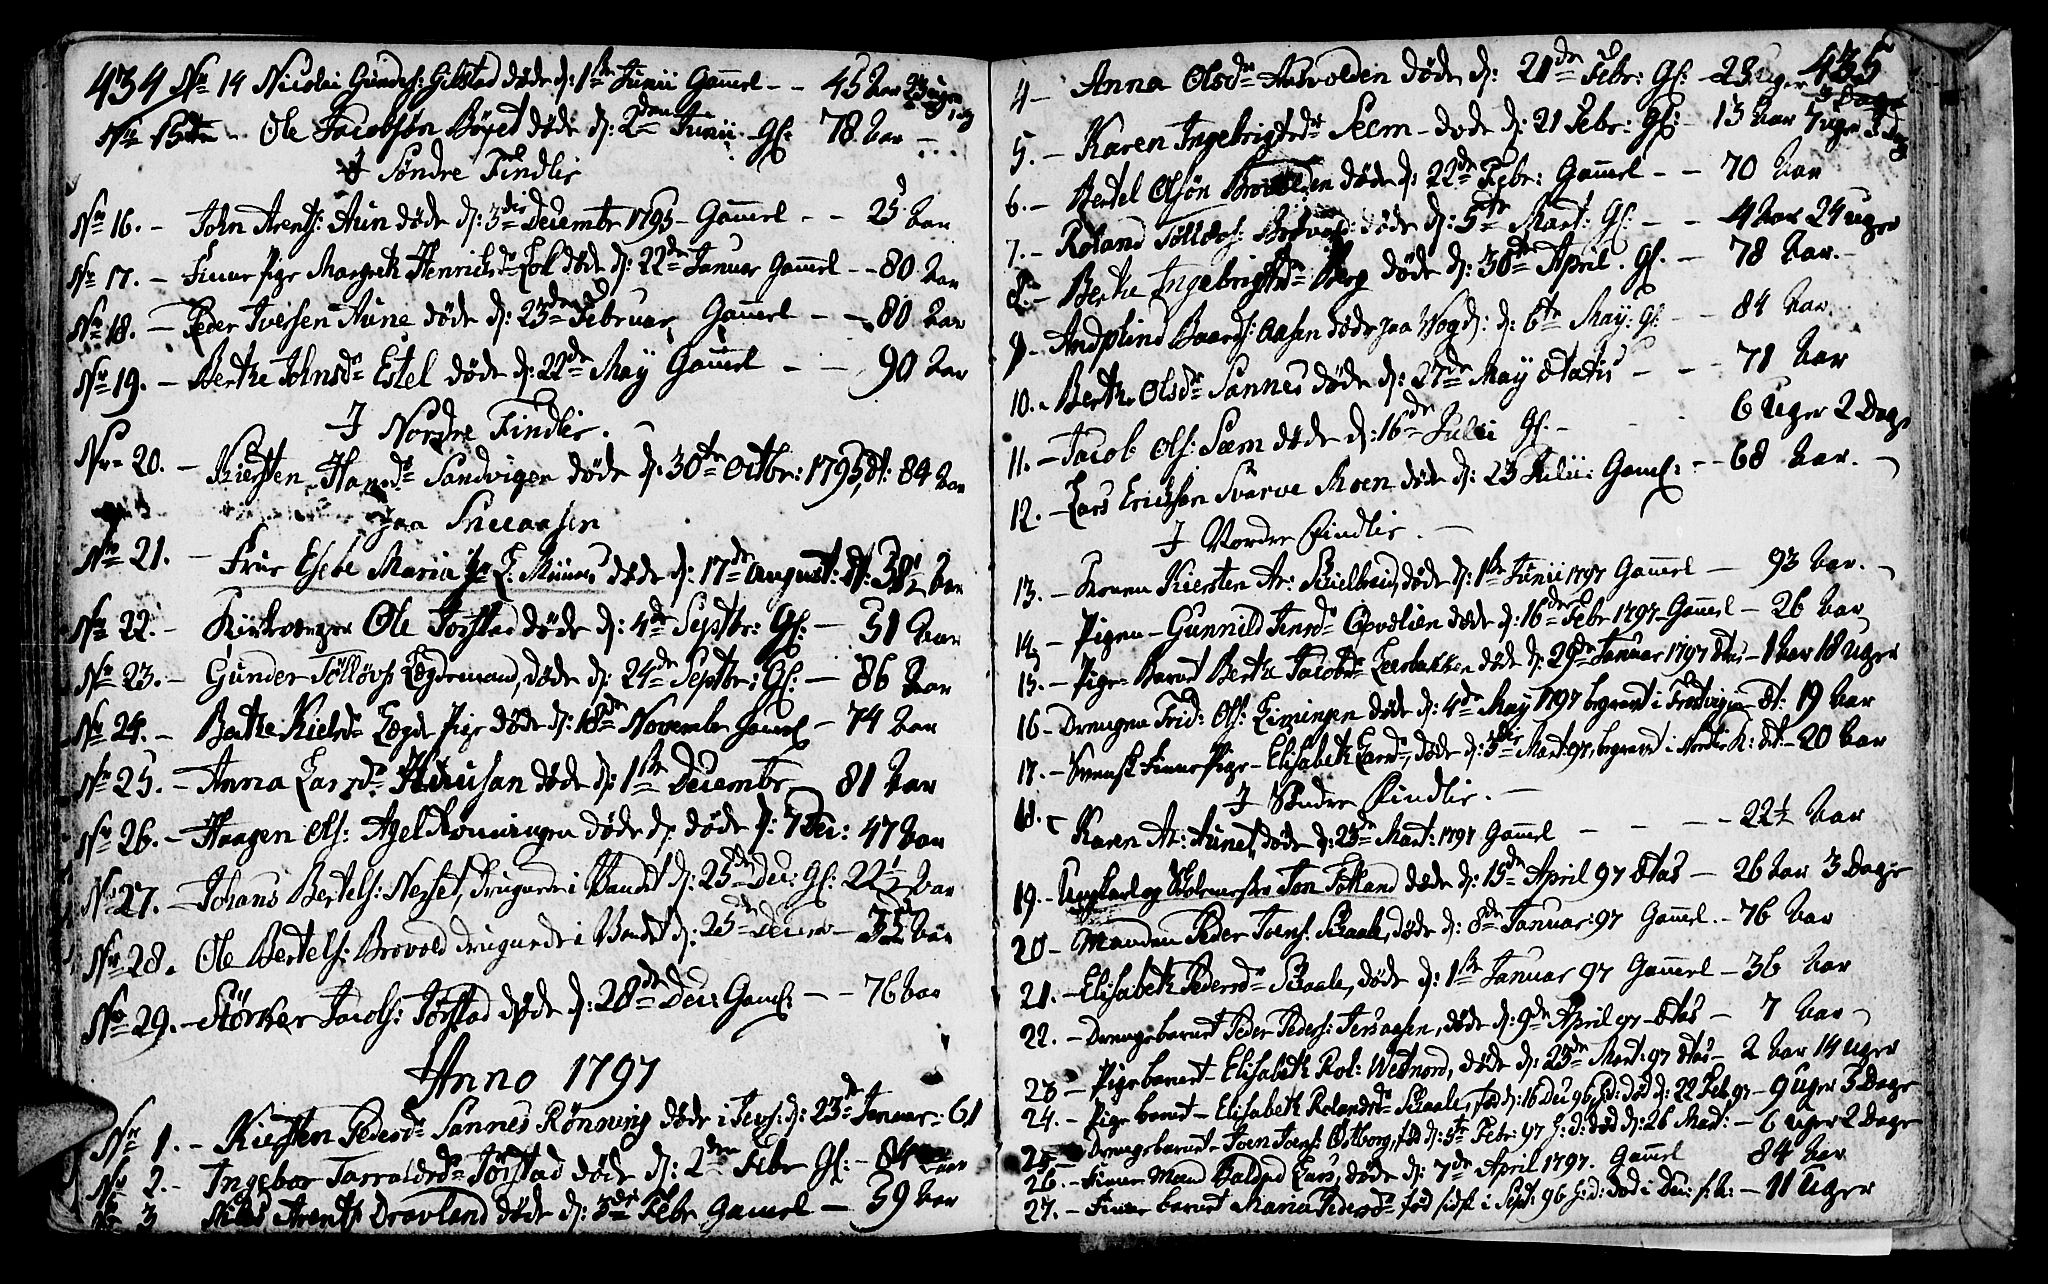 SAT, Ministerialprotokoller, klokkerbøker og fødselsregistre - Nord-Trøndelag, 749/L0468: Ministerialbok nr. 749A02, 1787-1817, s. 434-435